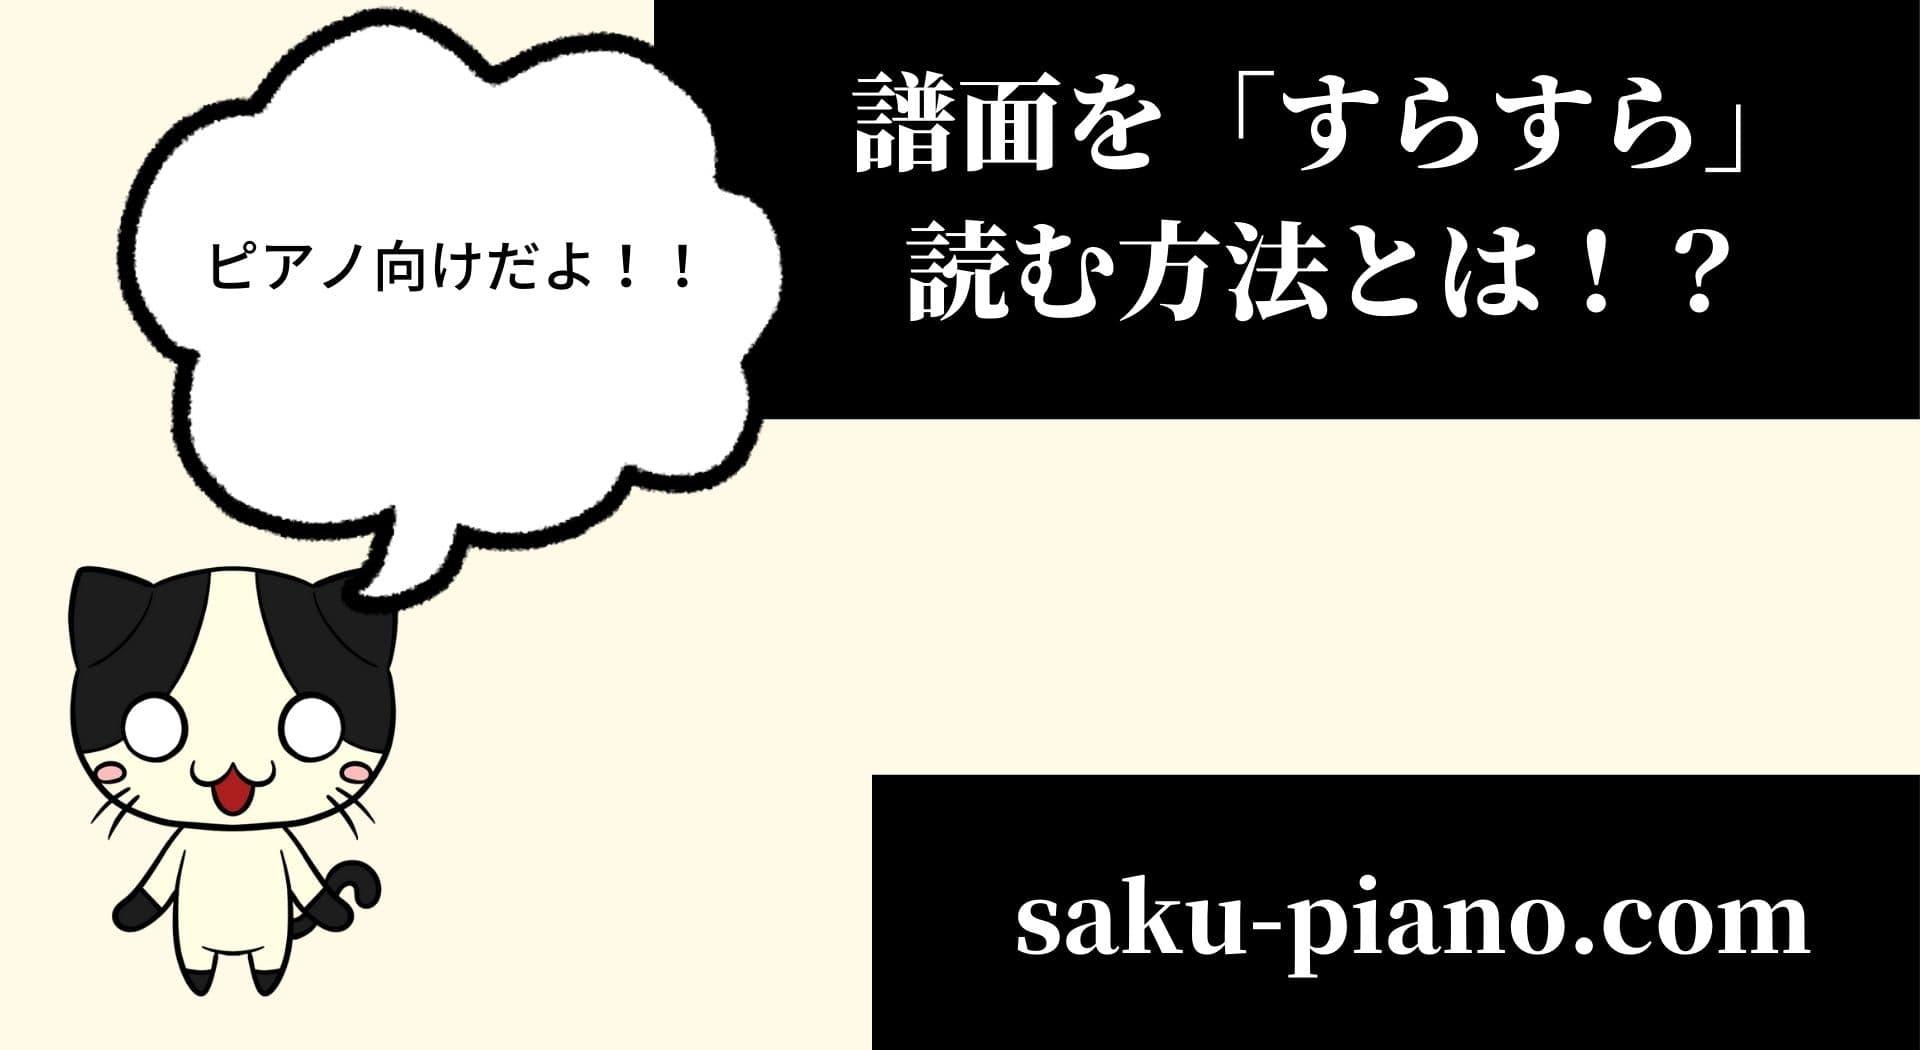 「【ピアノ向け】譜面がすらすら読めるようになる方法とは!?」のアイキャッチ画像